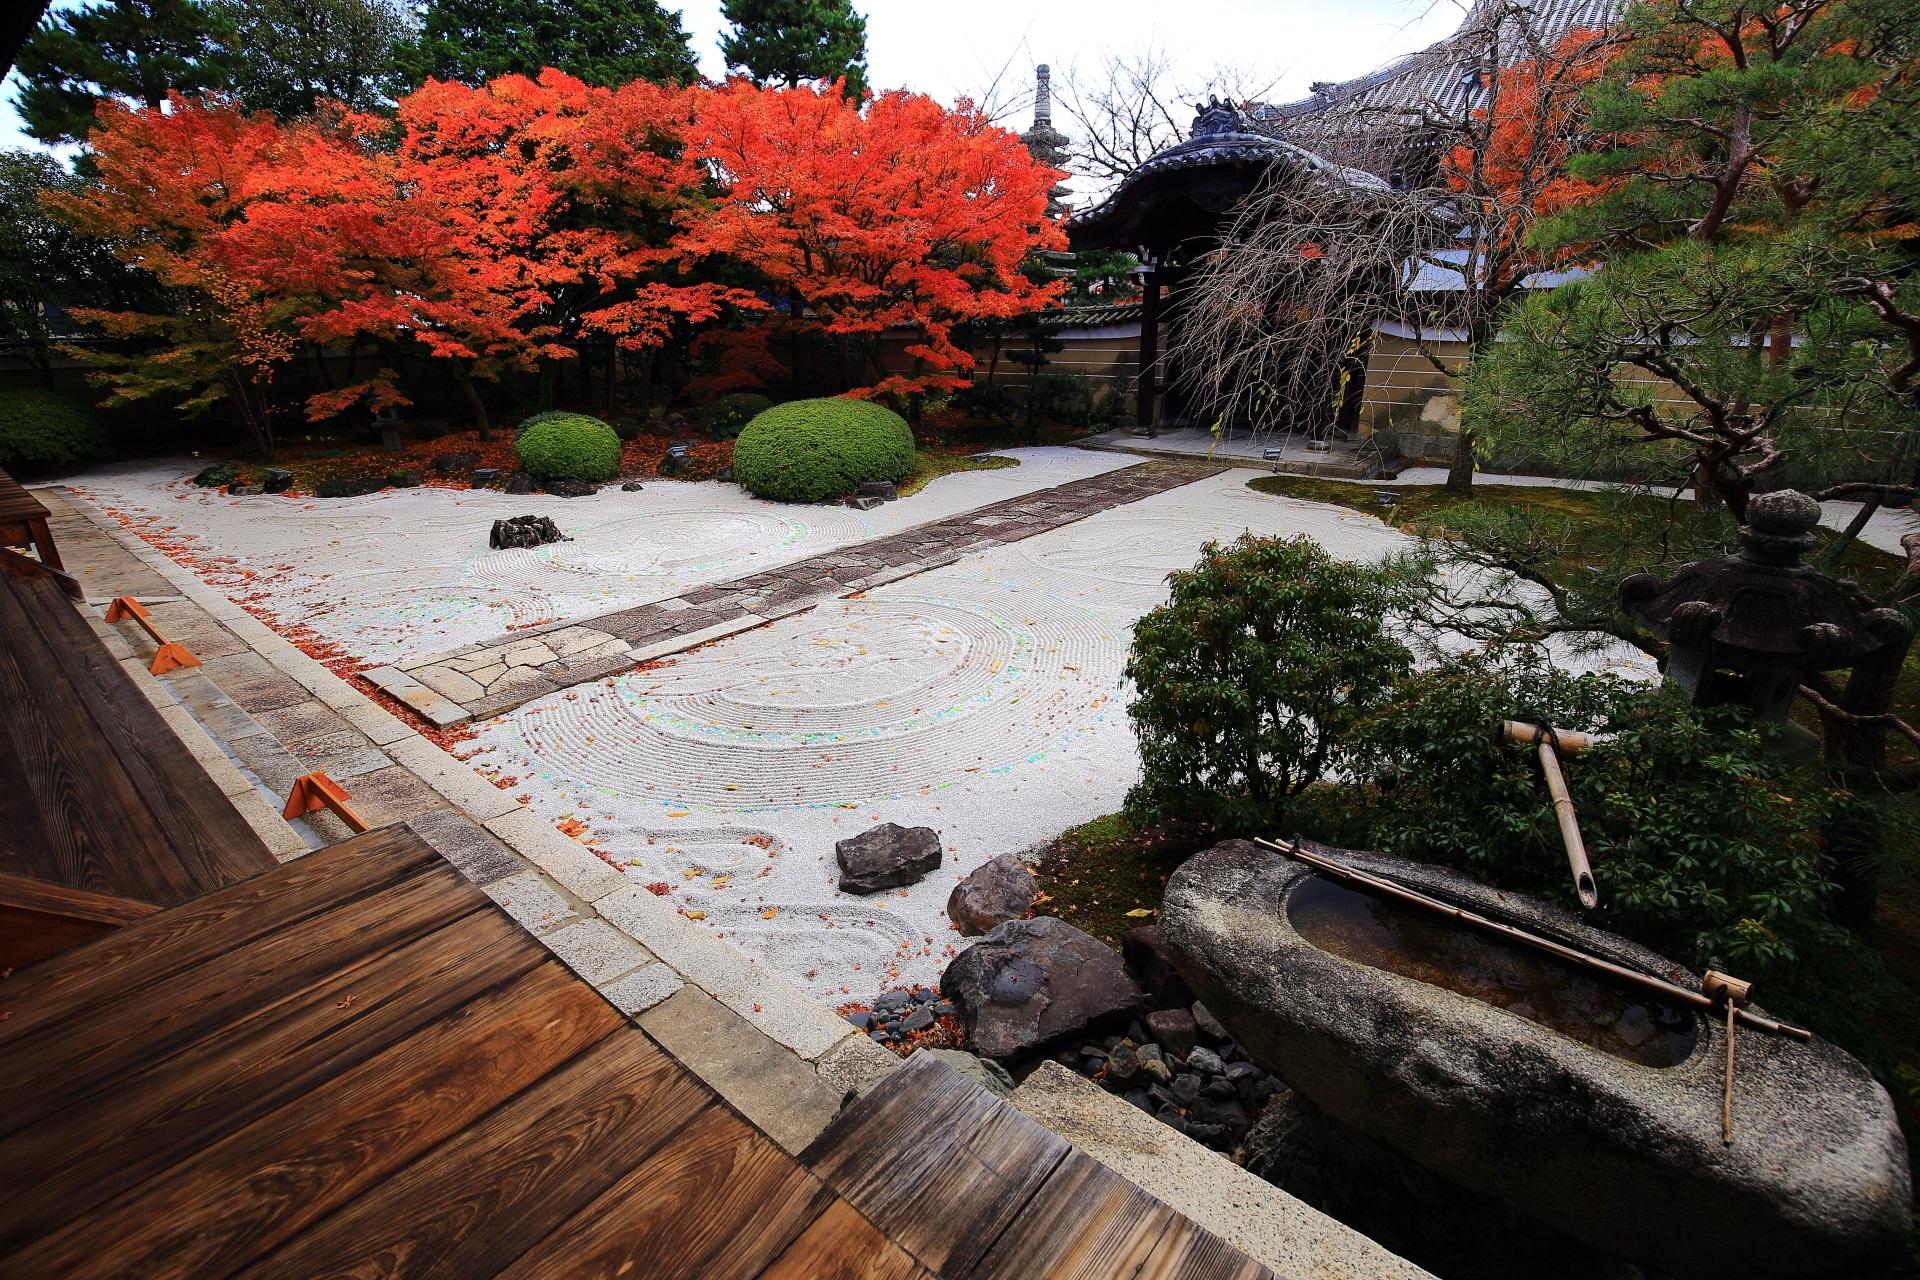 妙顕寺 紅葉 伽藍と庭園の絶品の隠れた紅葉の名所